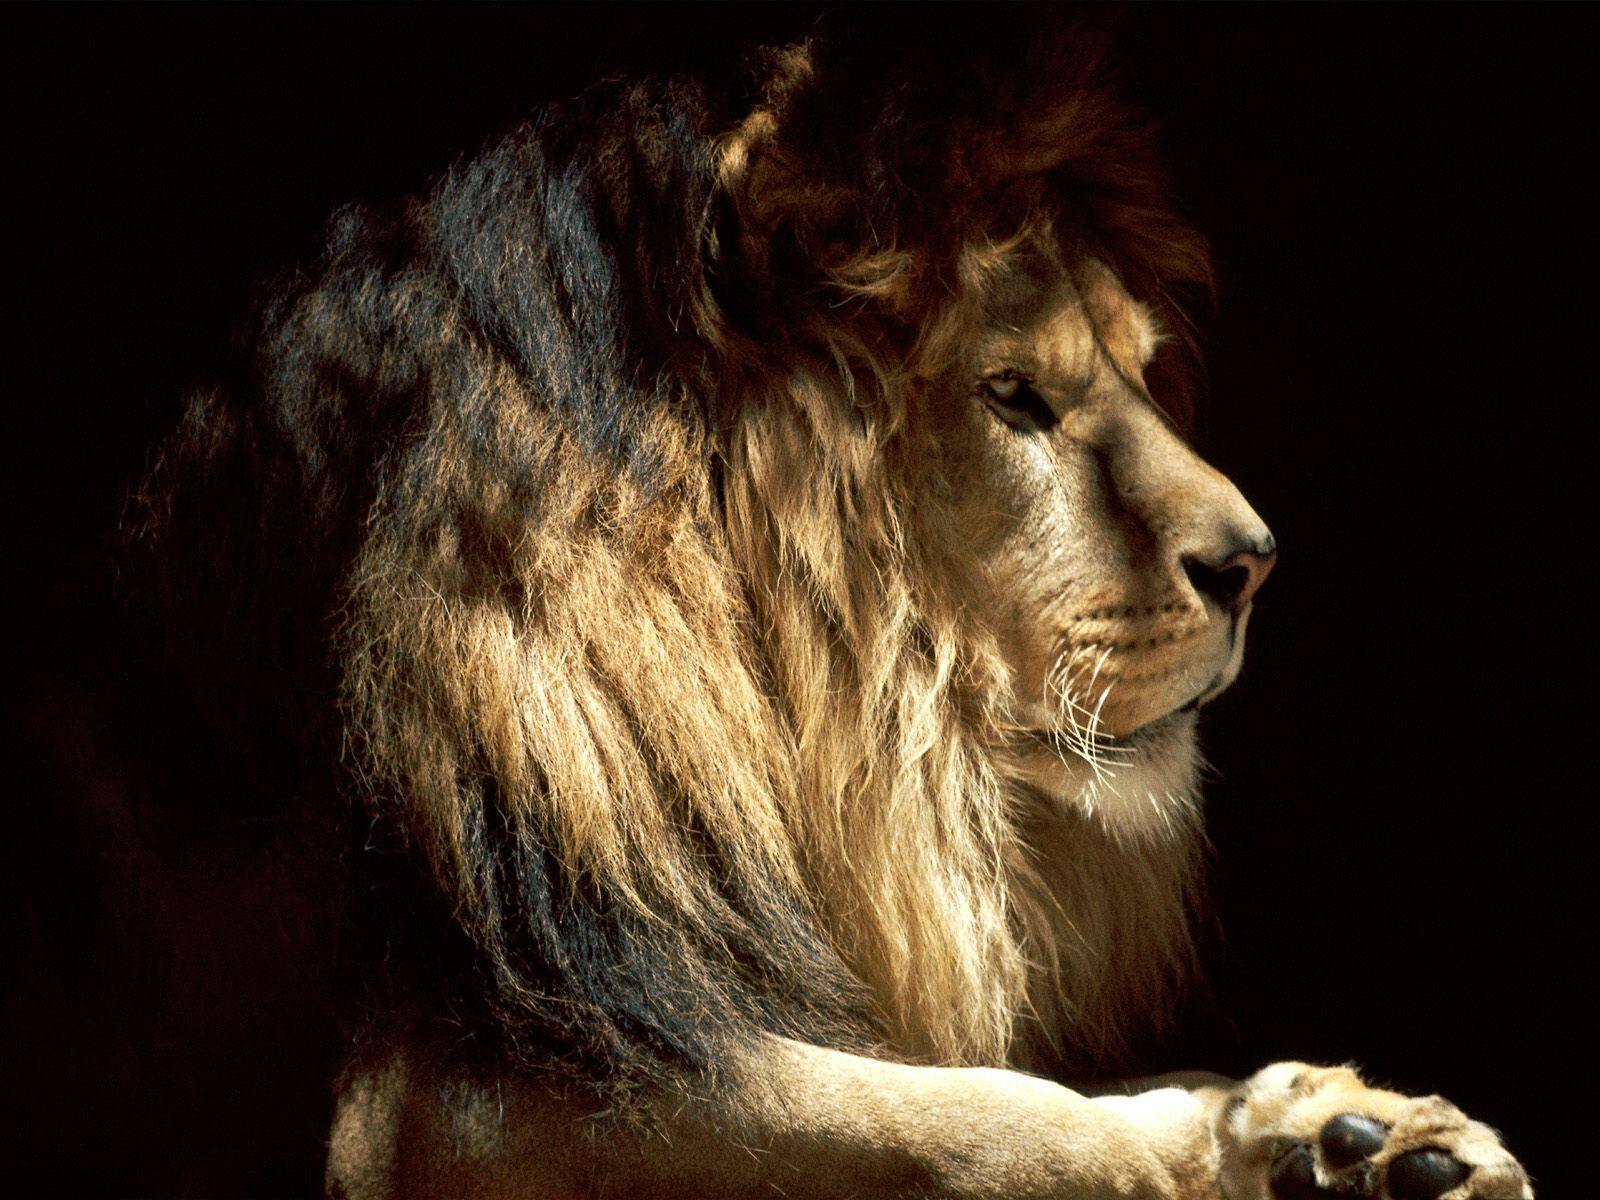 красивое фото льва, lion wallpaper, скачать фото